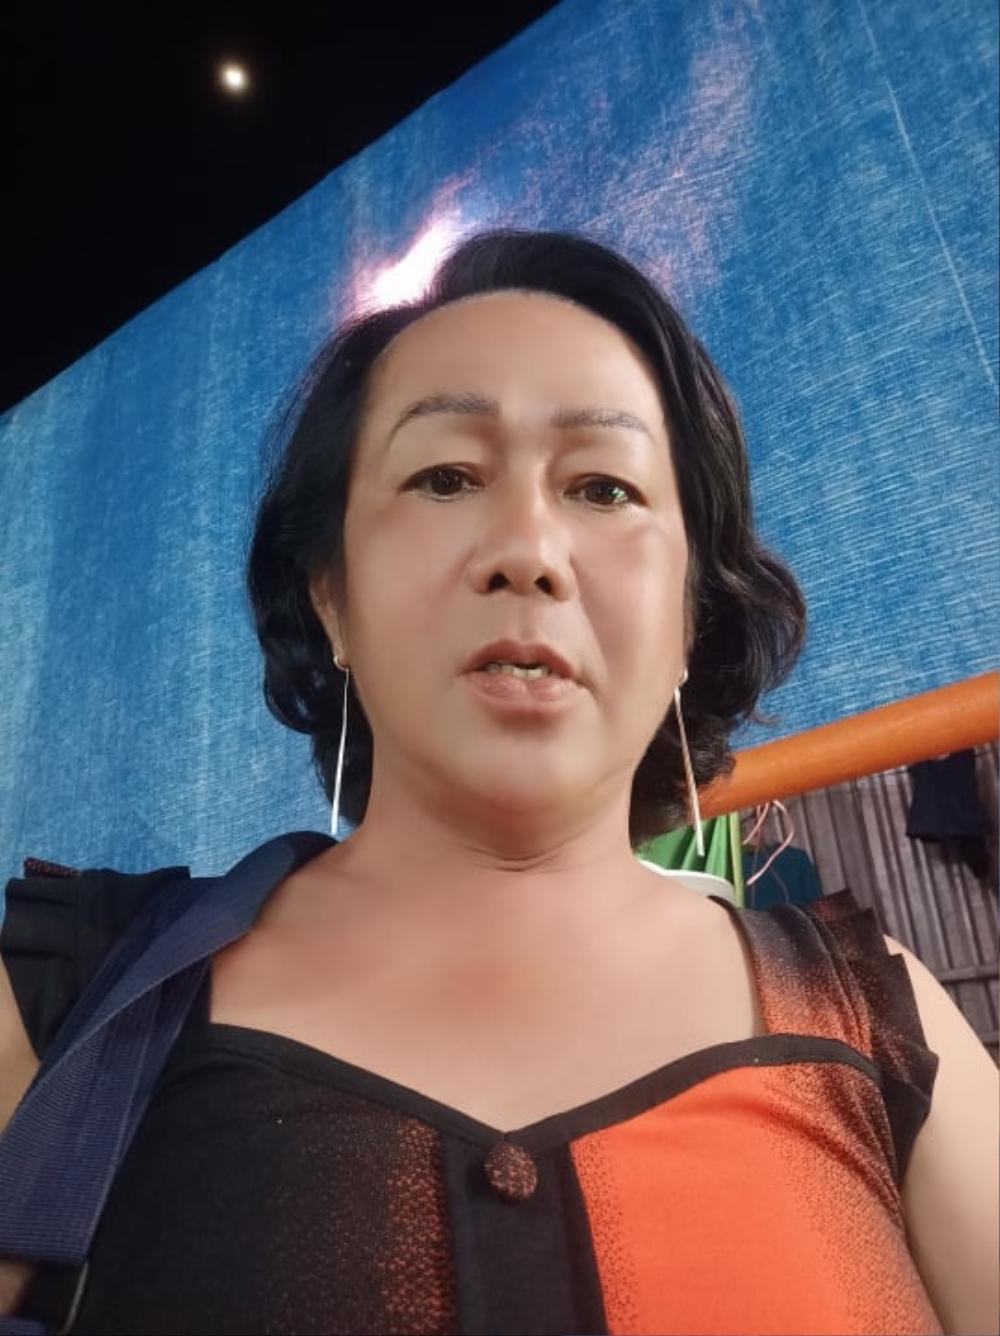 Nghệ sĩ lô tô Ái Diễm: 'Hơn 20 năm chưa biết Tết là gì' Ảnh 6